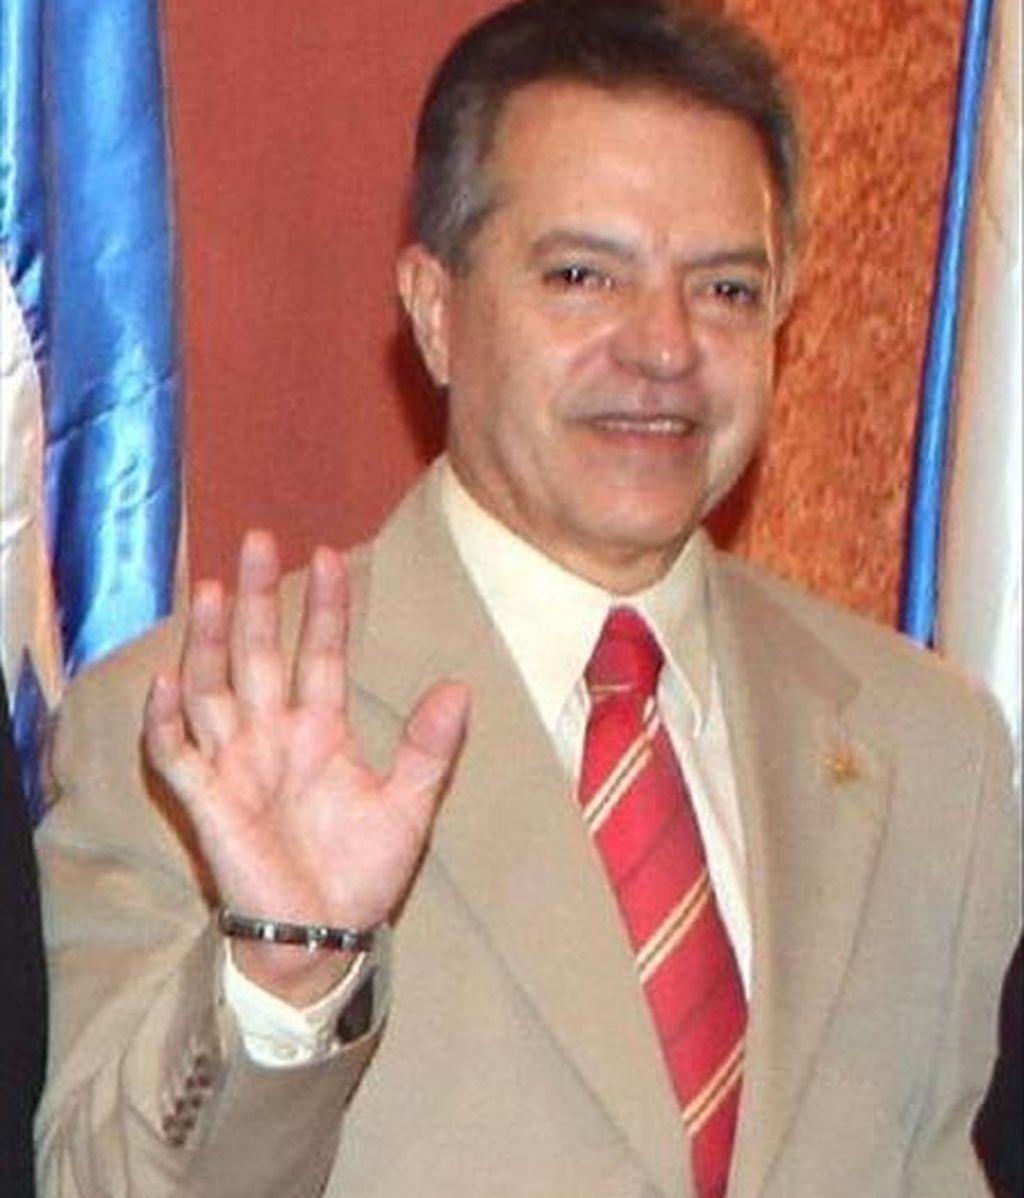 """El vicepresidente hondureño, Víctor Hugo Barnica, restó importancia a los rumores de un golpe de Estado contra Lobo, que relacionó con mensajes que """"llegaban por todos lados"""" a mediados de junio, cuando el presidente viajó a Sudáfrica para apoyar a su país en el Mundial de fútbol. EFE"""